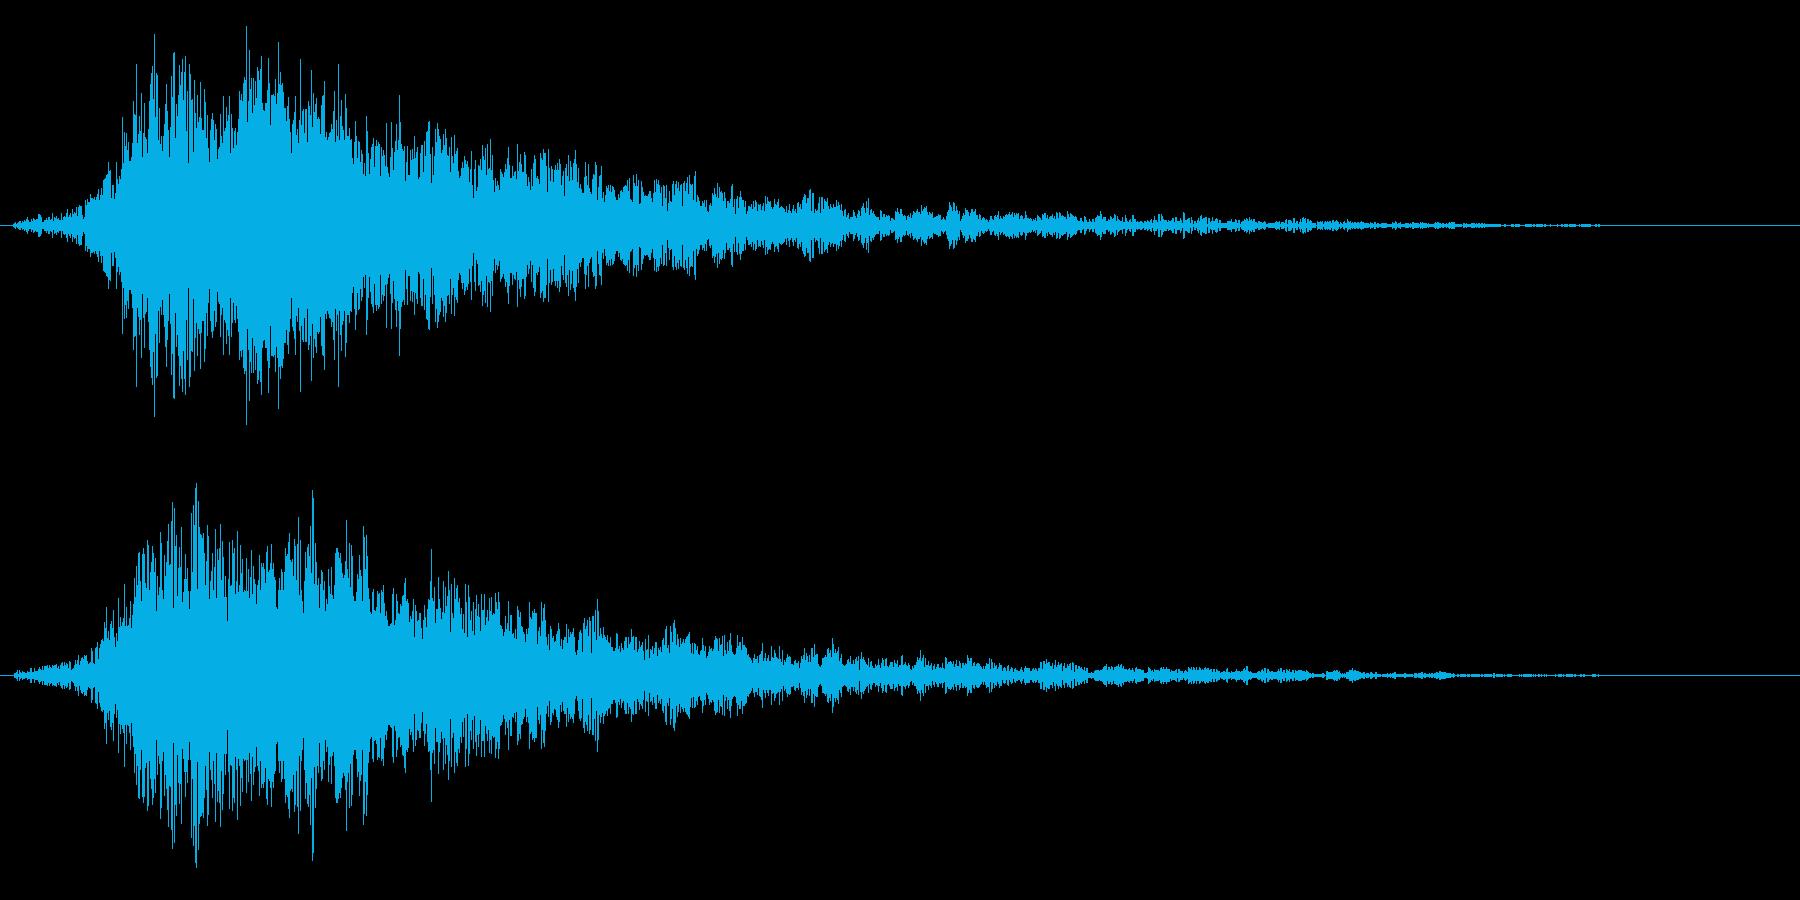 キラキラ系の光や魔法に最適な効果音!01の再生済みの波形